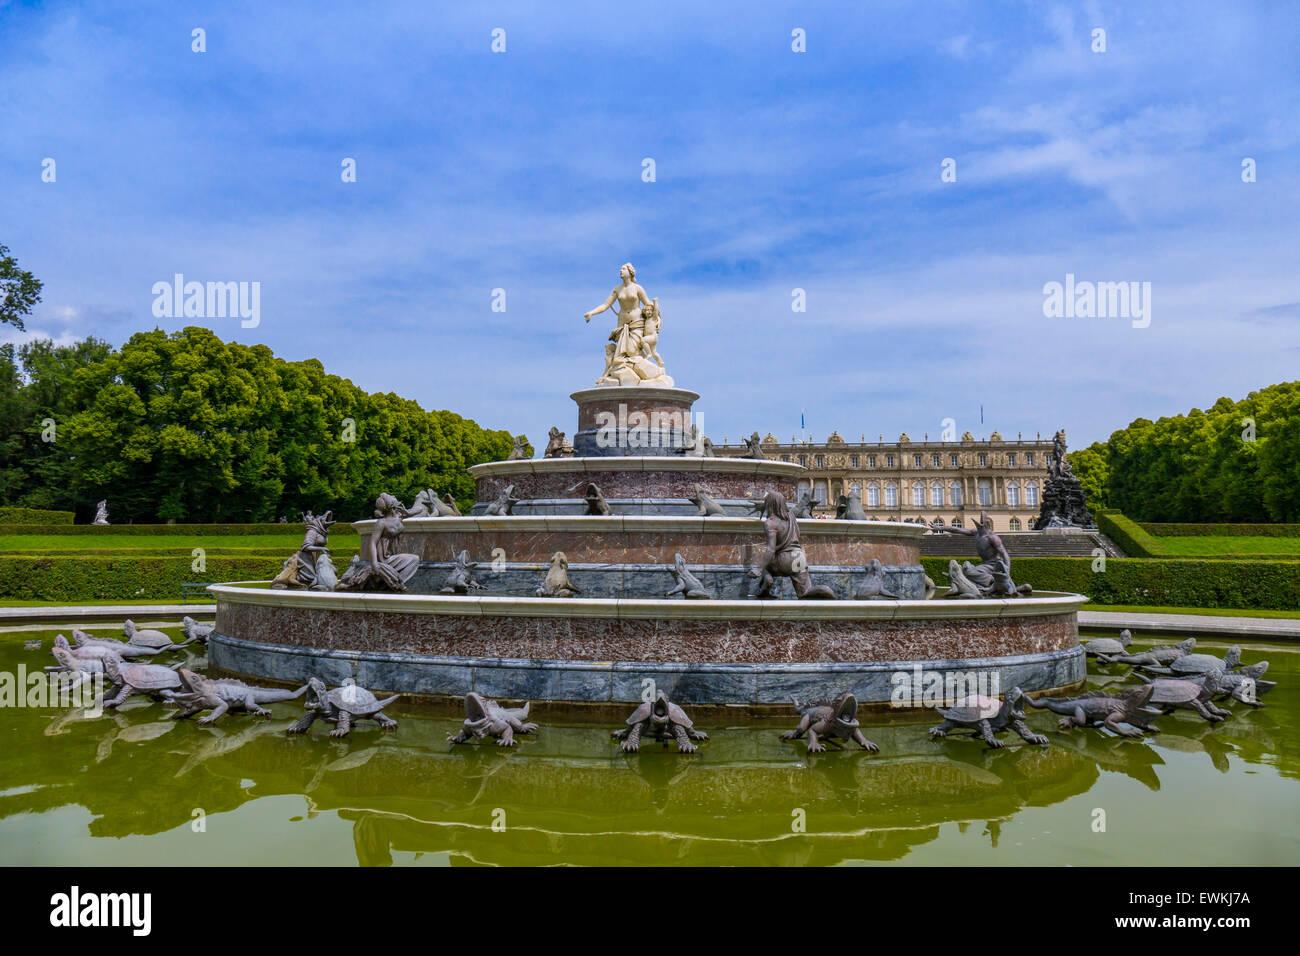 Latona Fountain, Herrenchiemsee Palace, Herreninsel, Gentleman's Island, Lake Chiemsee, Chiemgau, Upper Bavaria, - Stock Image